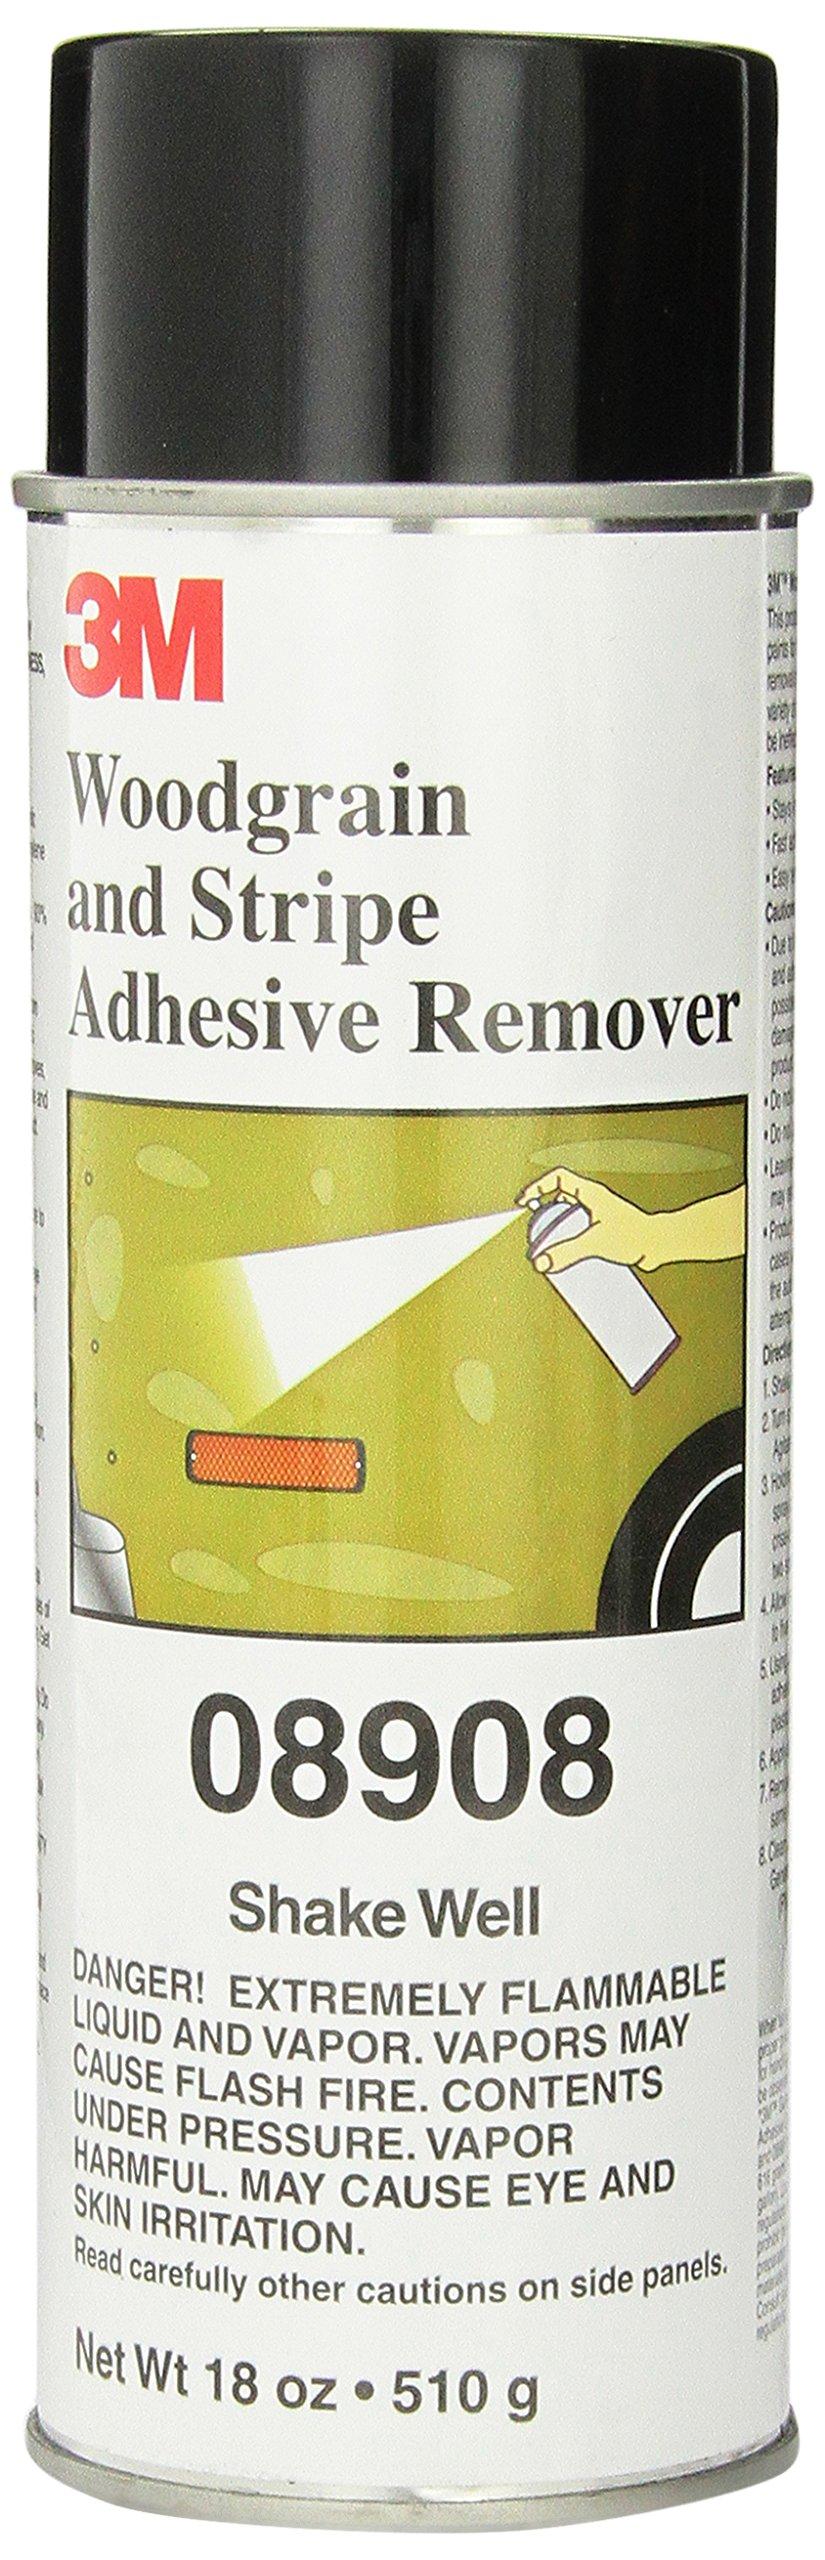 3M 08908 Woodgrain and Stripe Adhesive Remover - 18 fl. oz.